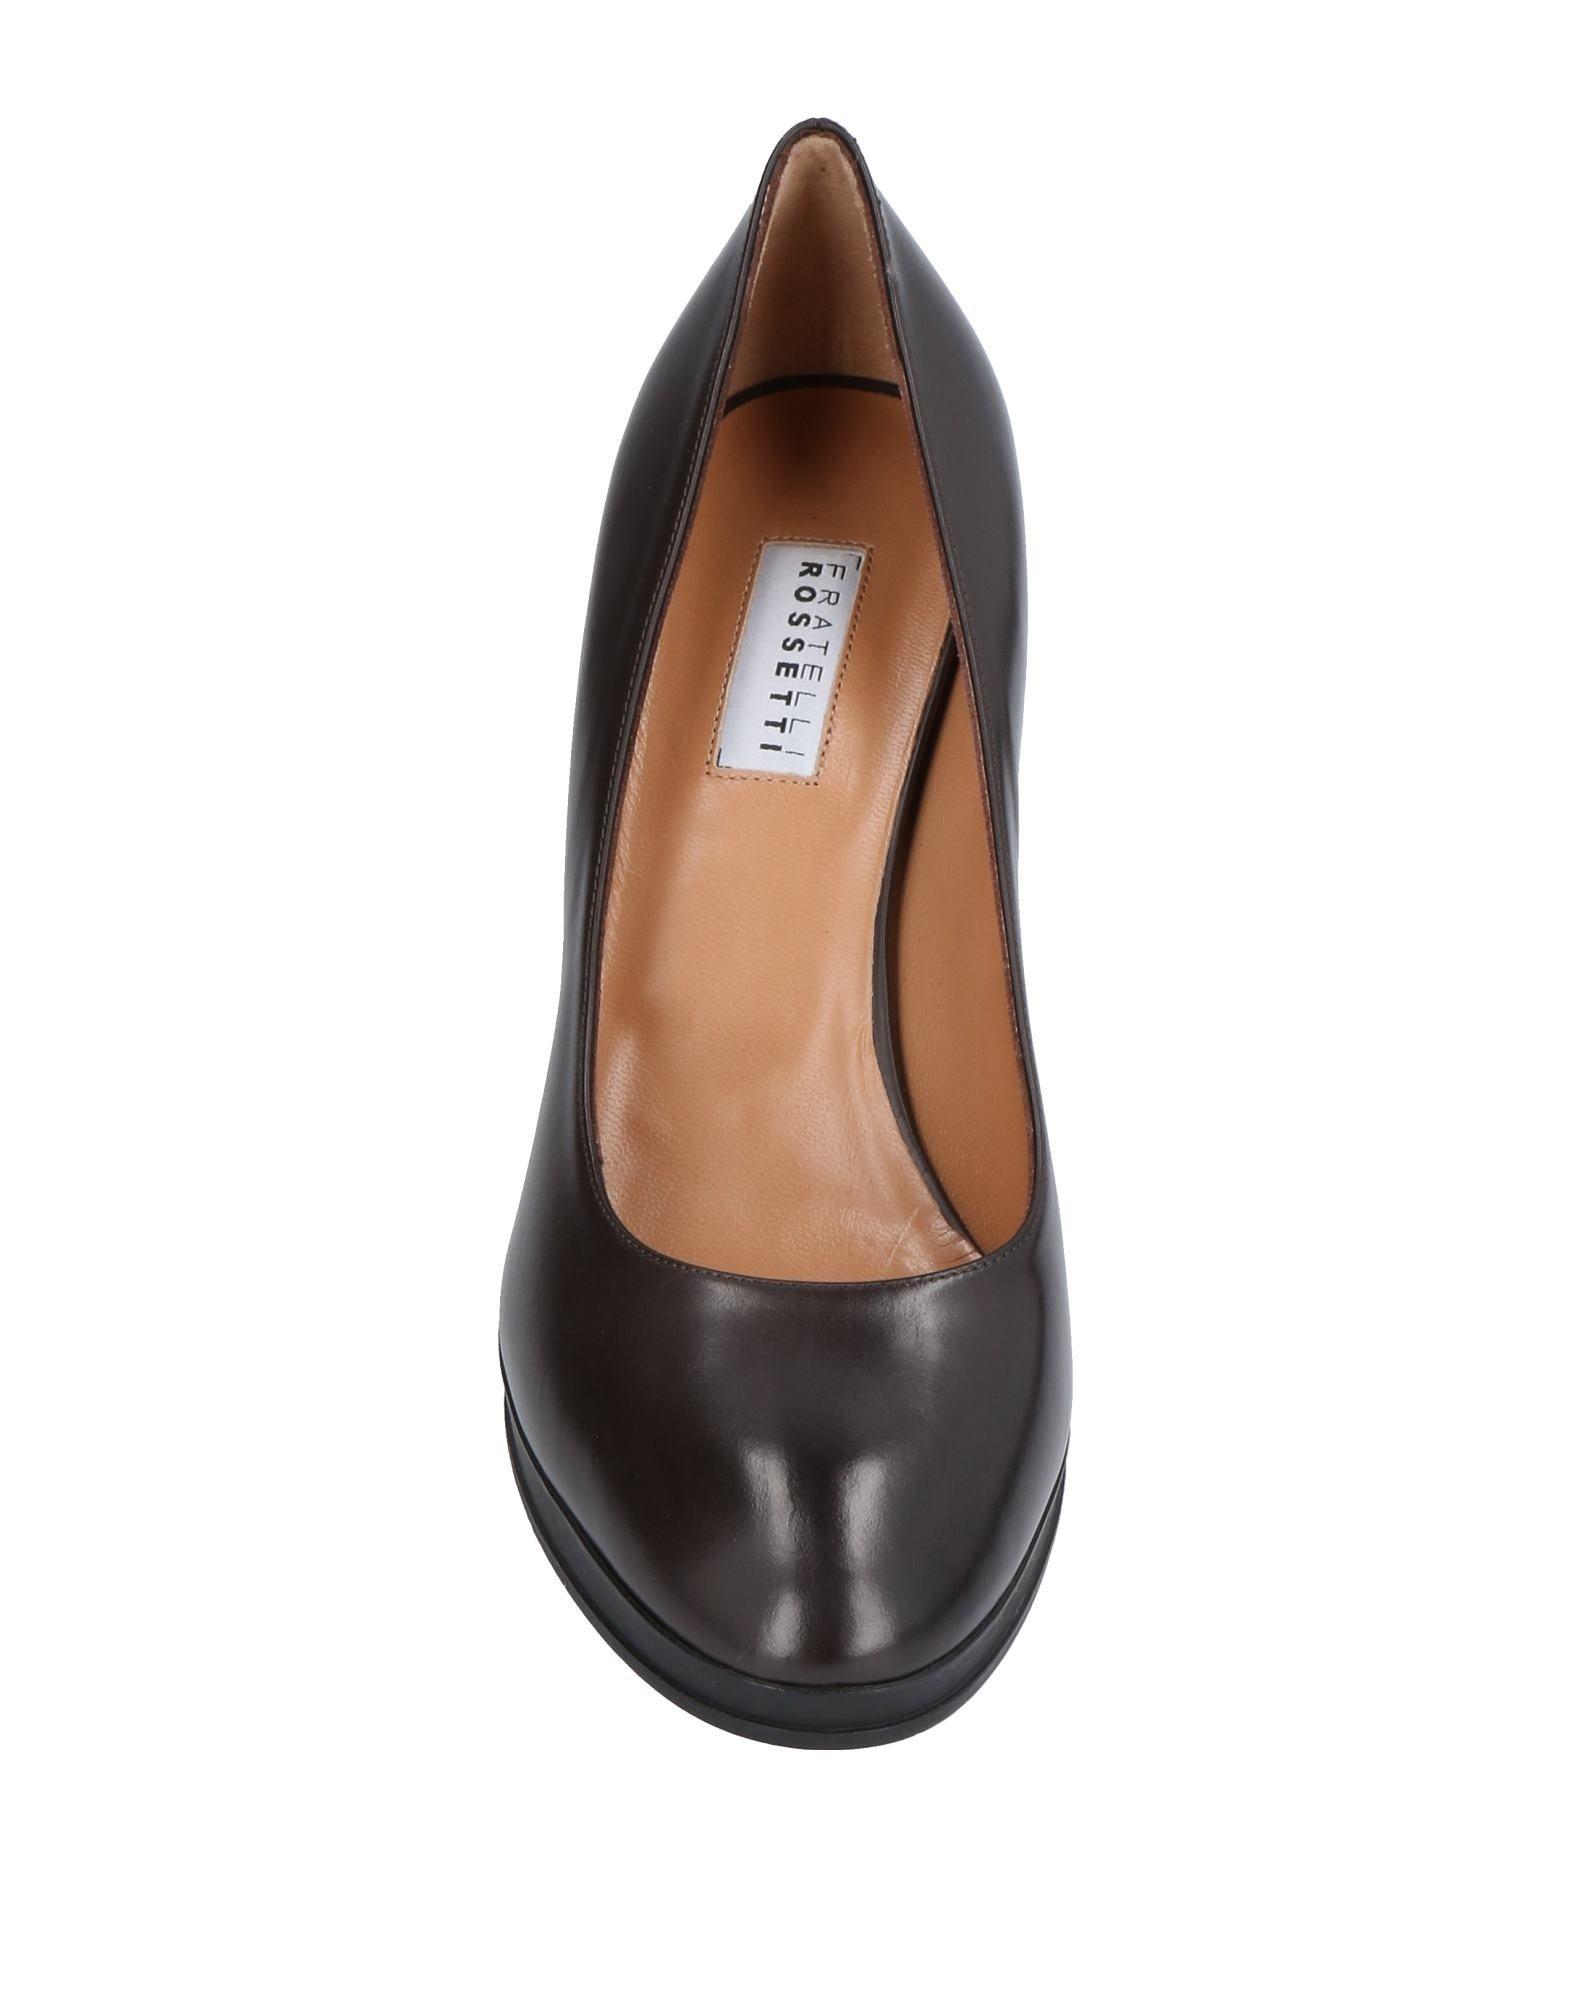 Stilvolle billige Schuhe  Fratelli Rossetti Pumps Damen  Schuhe 11474336KQ 7a6fa8